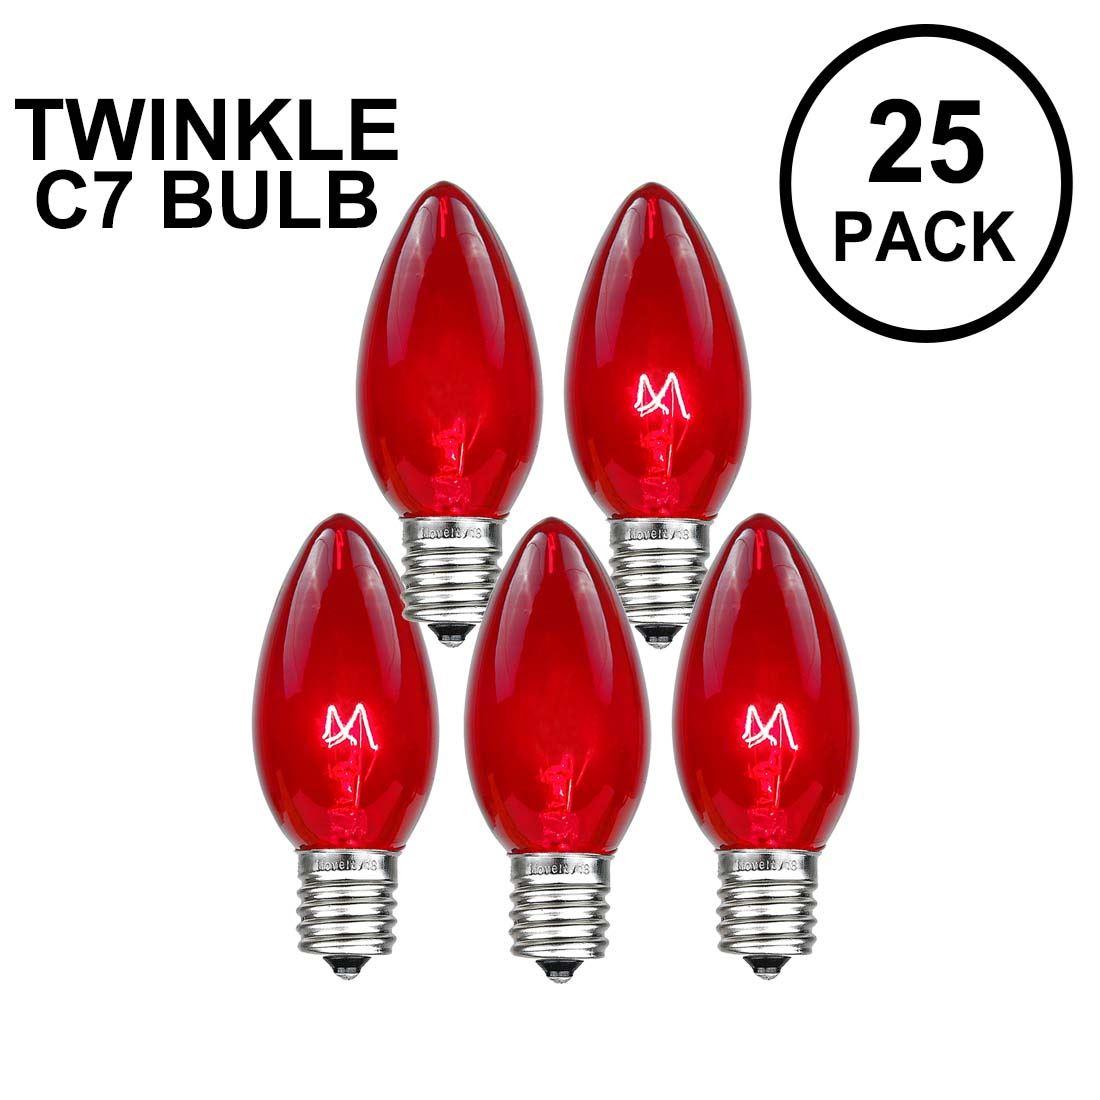 Picture of Red Twinkle C7 7 Watt Bulbs 25 Pack